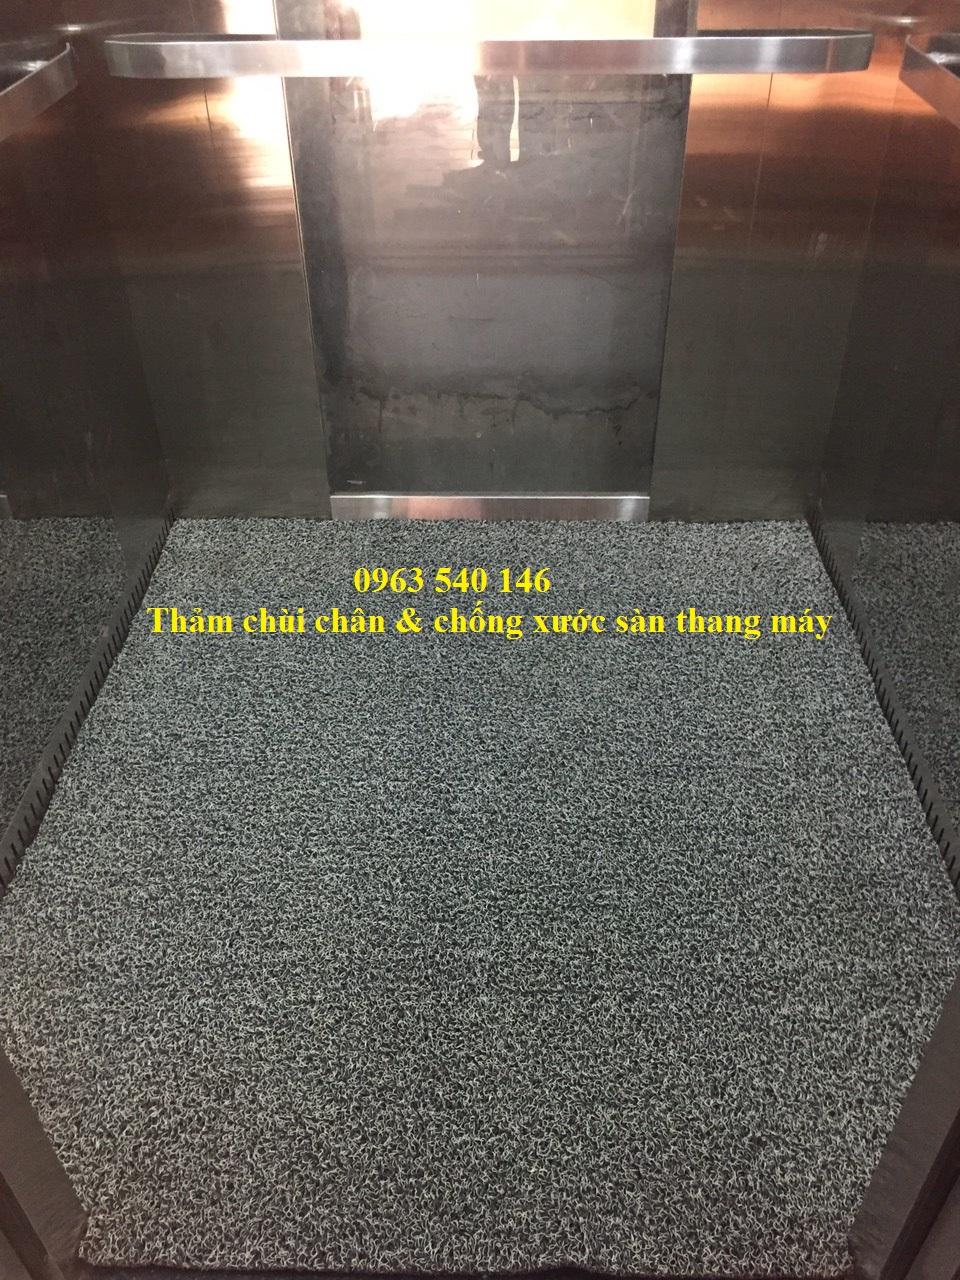 Tấm thảm đặt bên trong thang máy đẹp, sang trọng, đặc biệt bảo vệ mặt sàn thang máy.